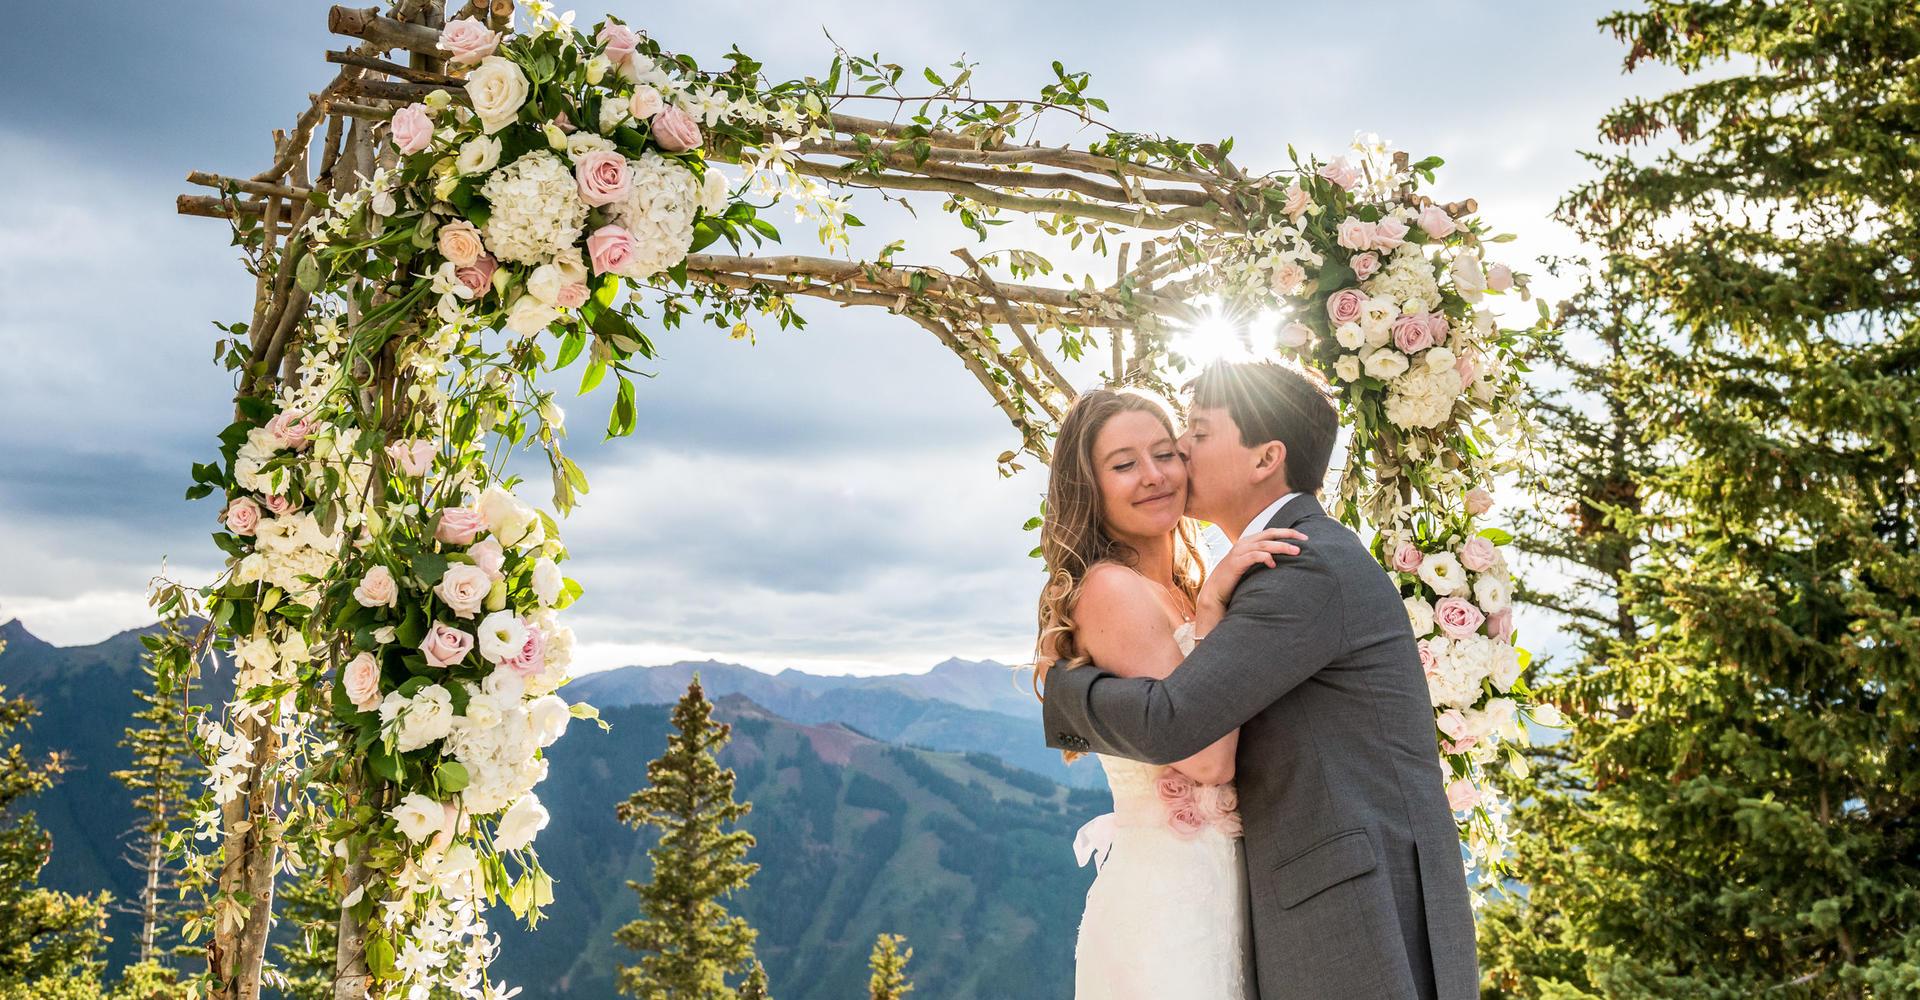 Wedding Venues in Aspen | Aspen CO Chamber